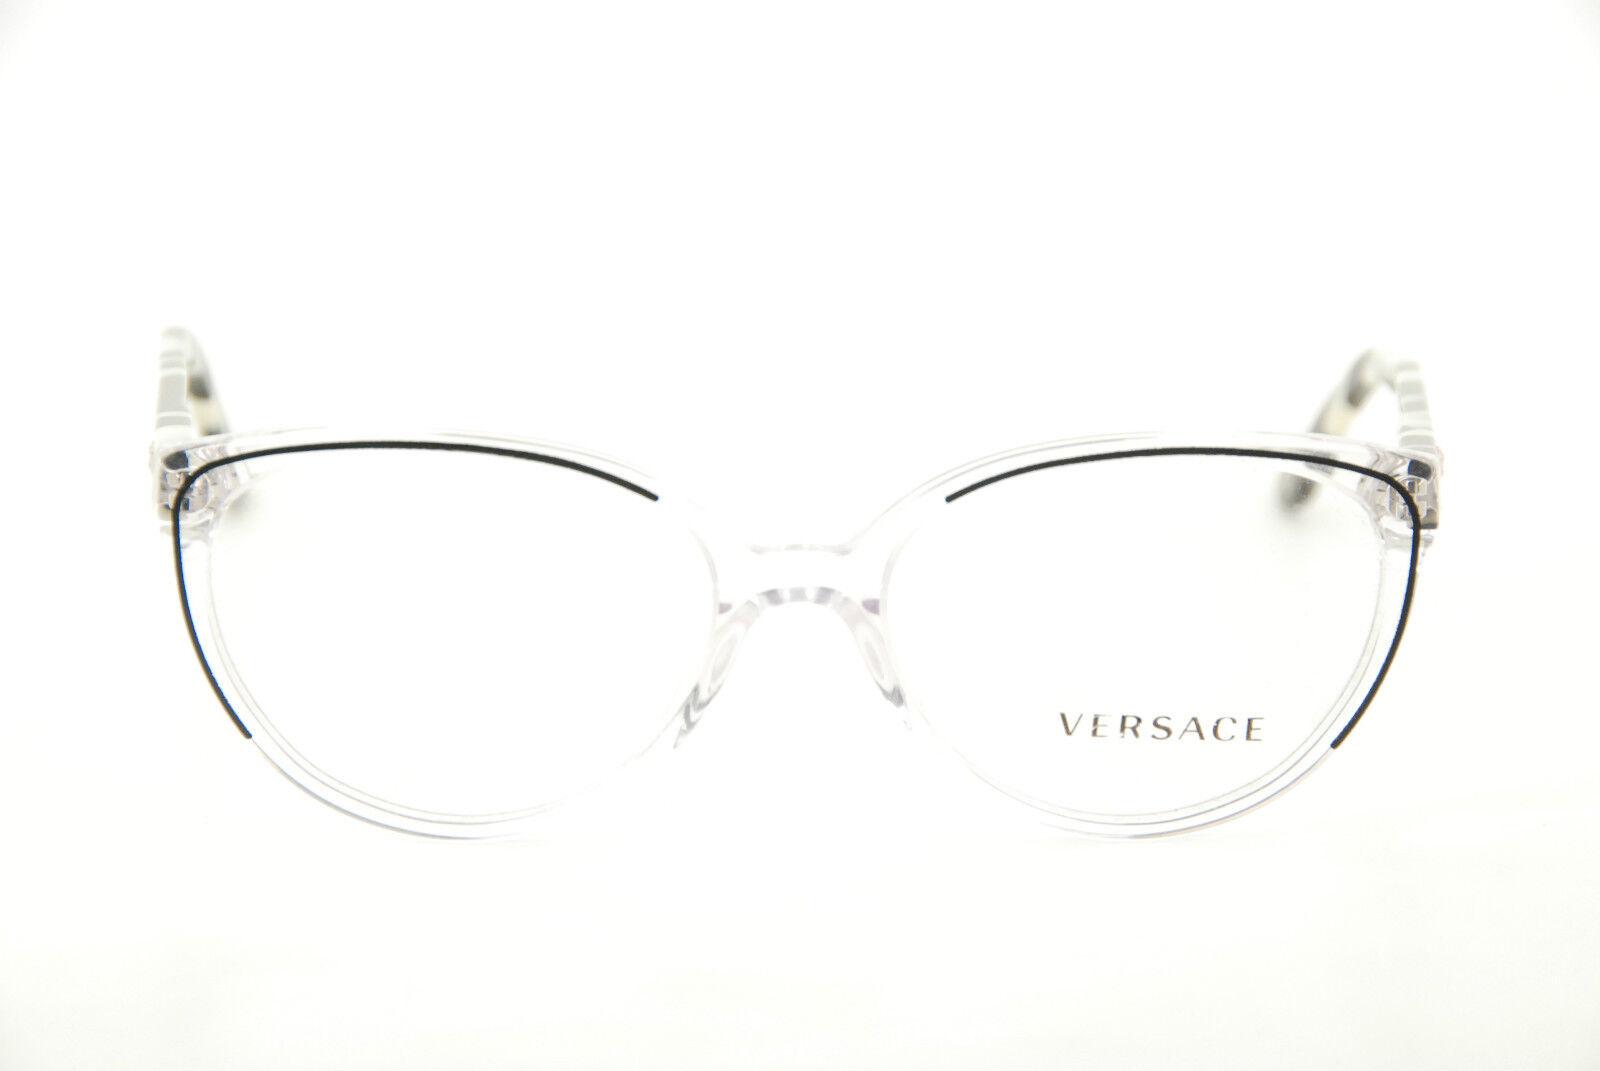 56d165a25f1d2 Authentic Versace Mod 3157 960 Black clear 54mm Frames Eyeglasses RX ...